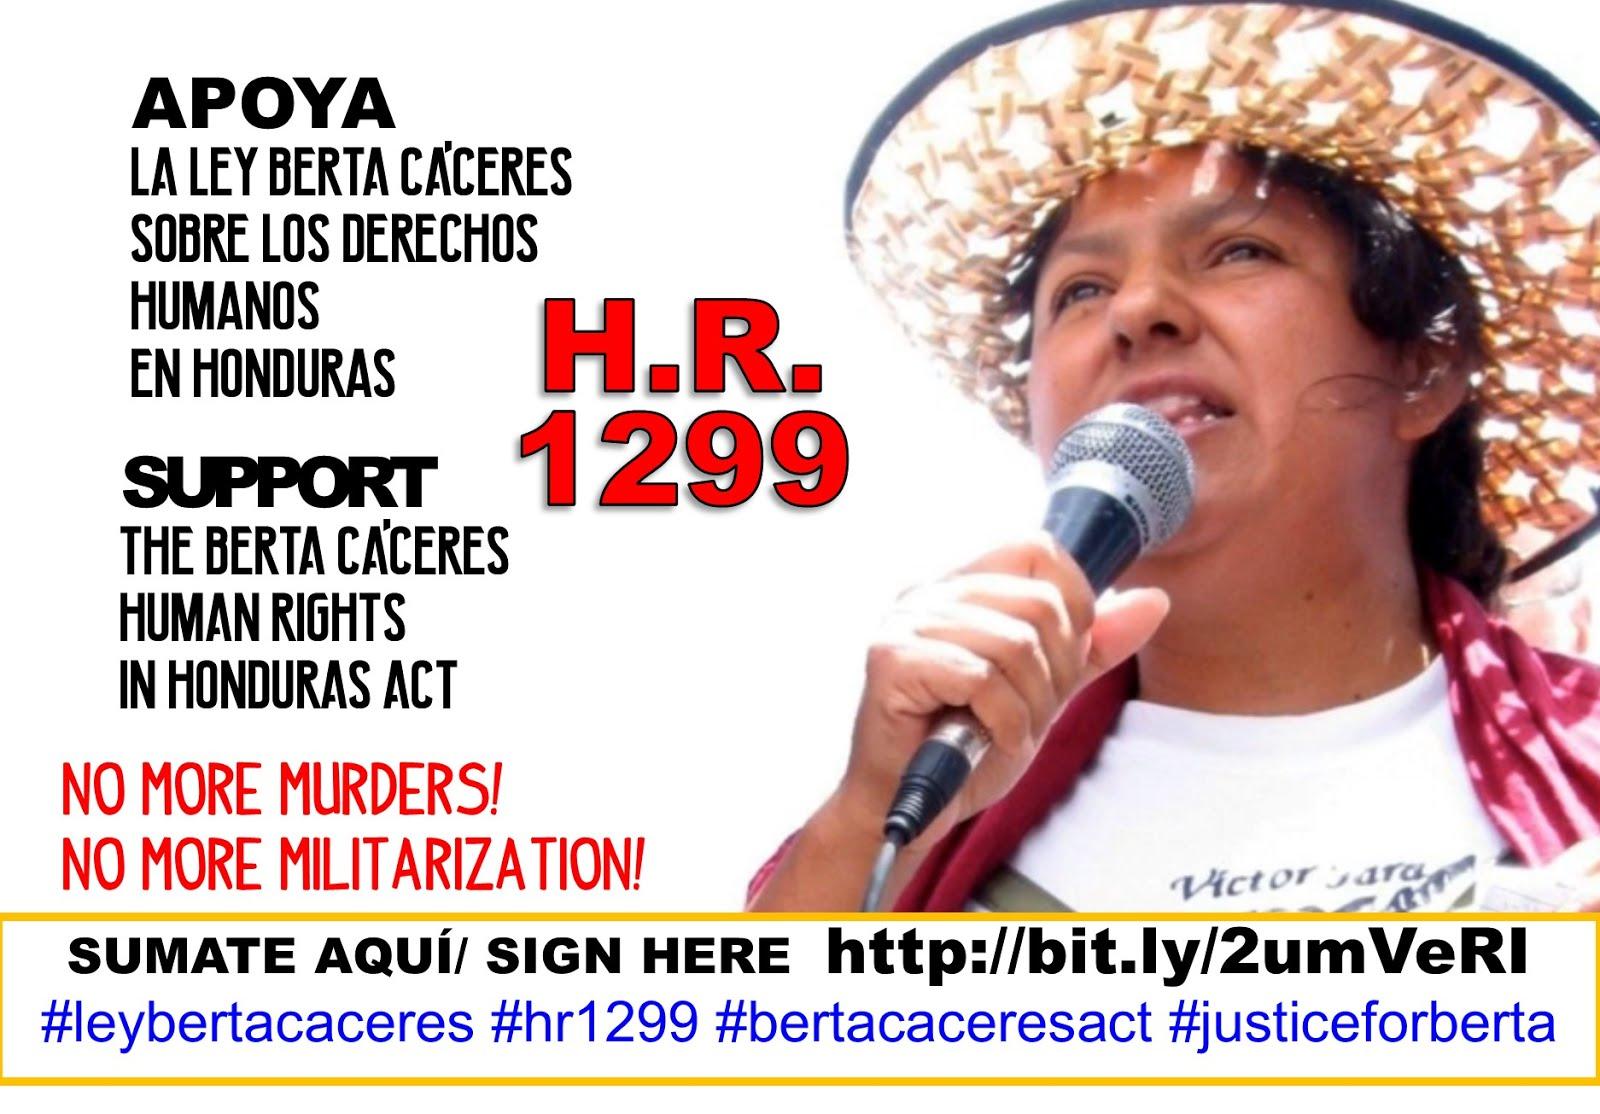 """SUMATE!!! EN APOYO AL PROYECTO DE LEY """"BERTA CÁCERES"""" PARA LOS DERECHOS HUMANOS EN HONDURAS"""